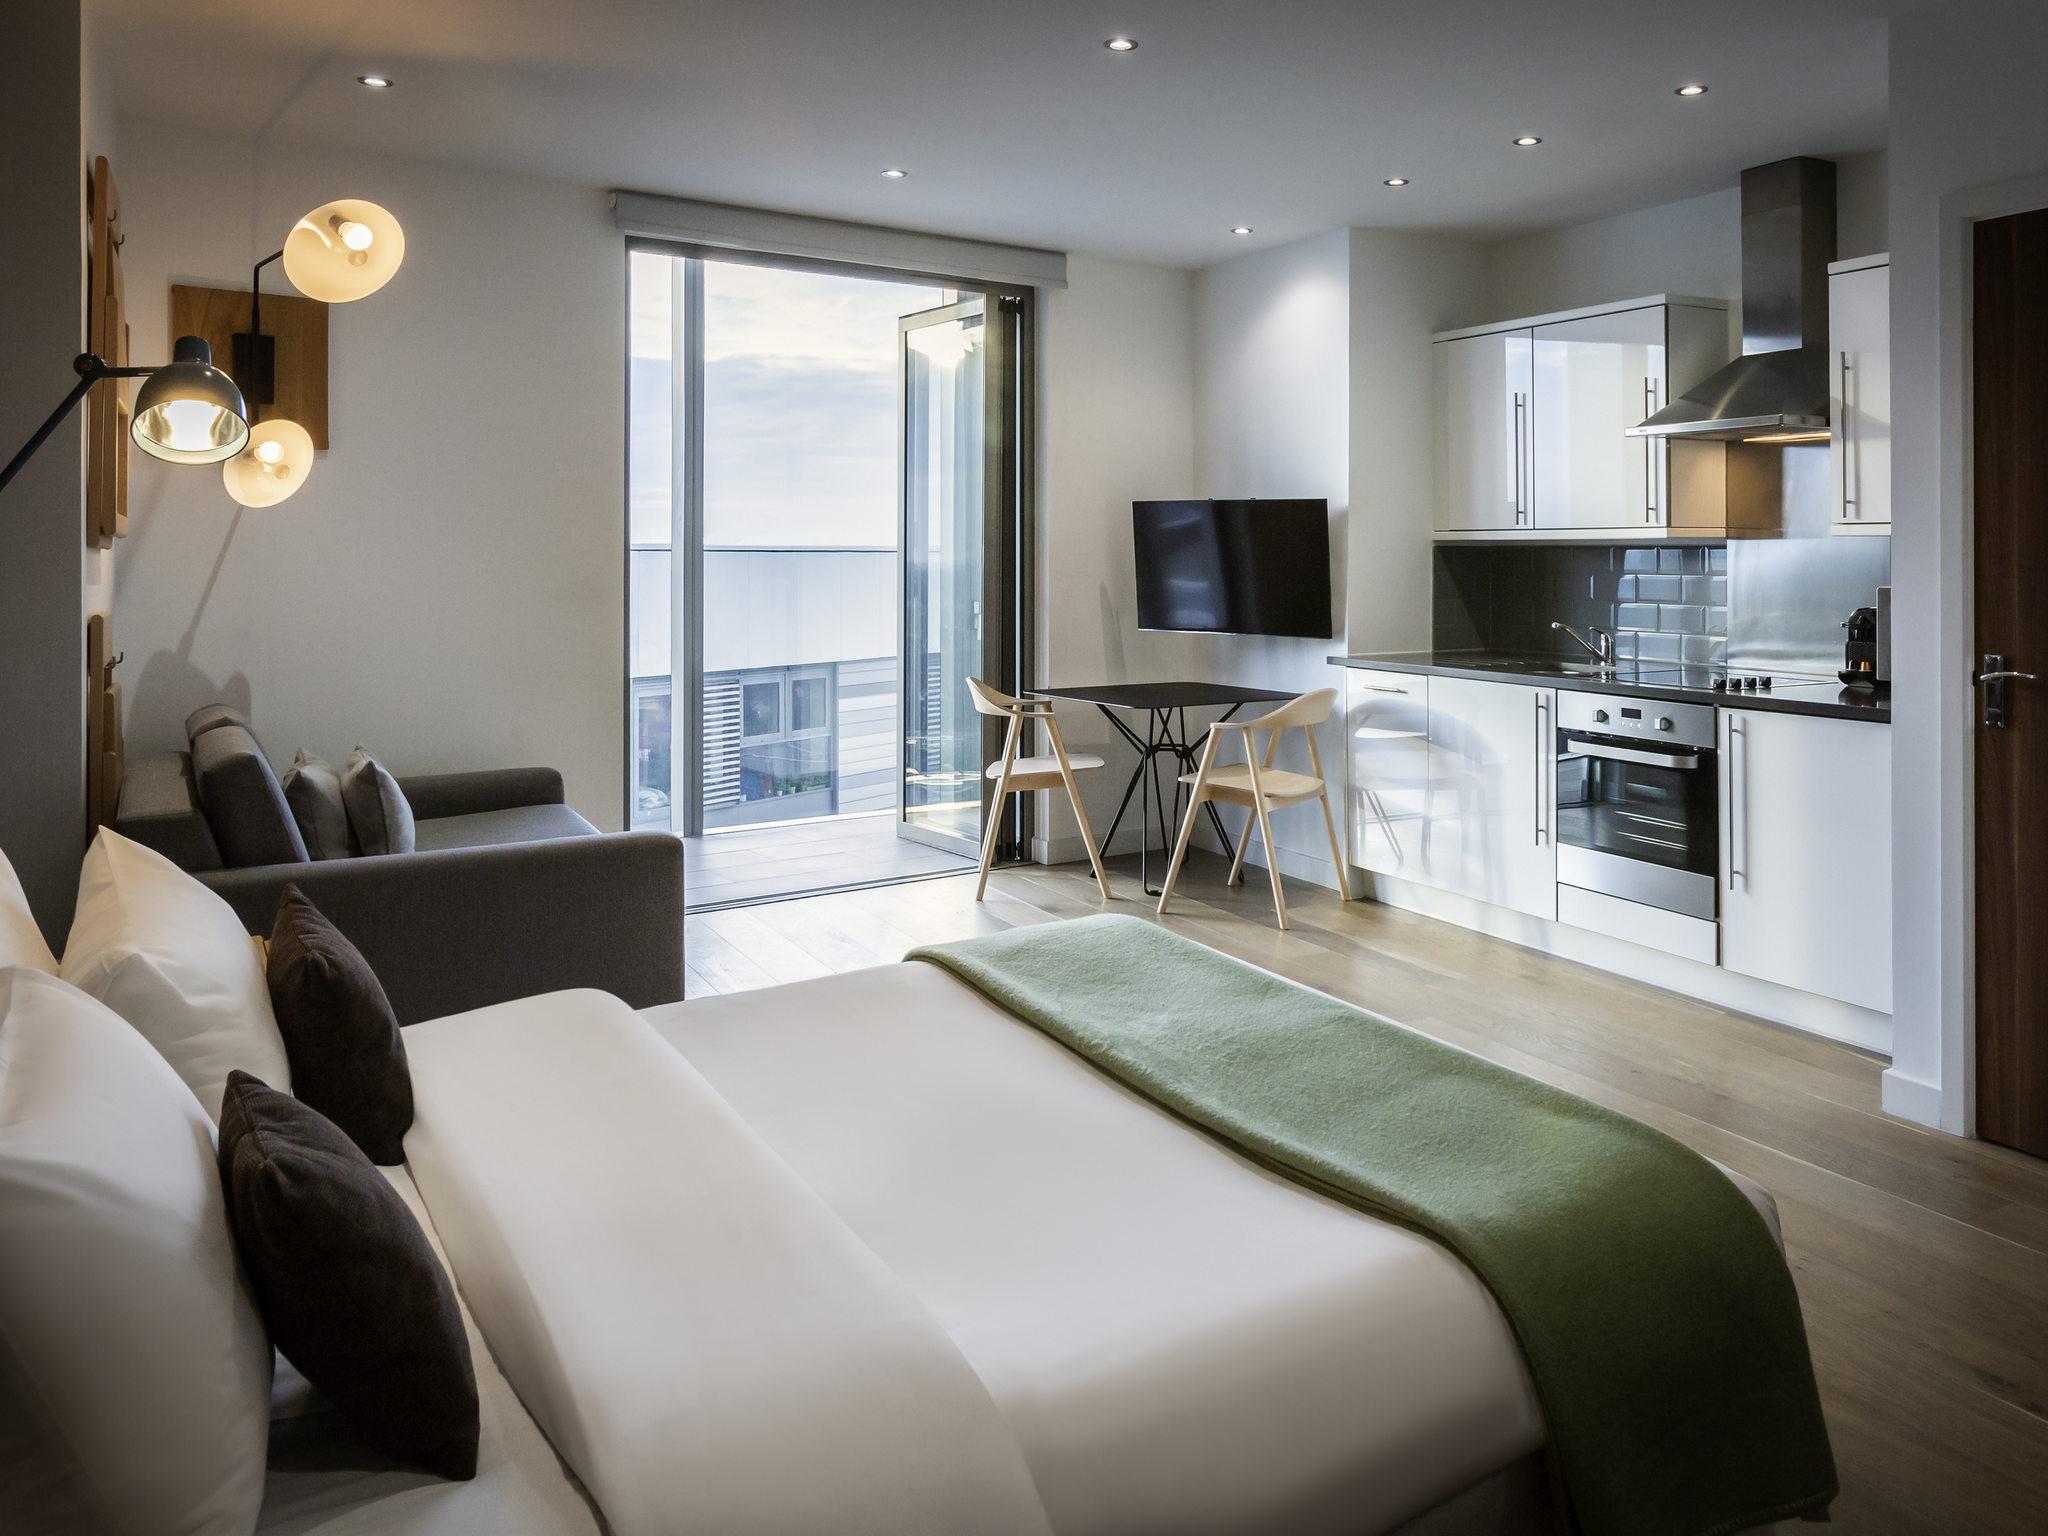 فندق - افتتاح شقق أداجيو Adagio لندن برينتفورد الفندقية في أكتوبر 2018